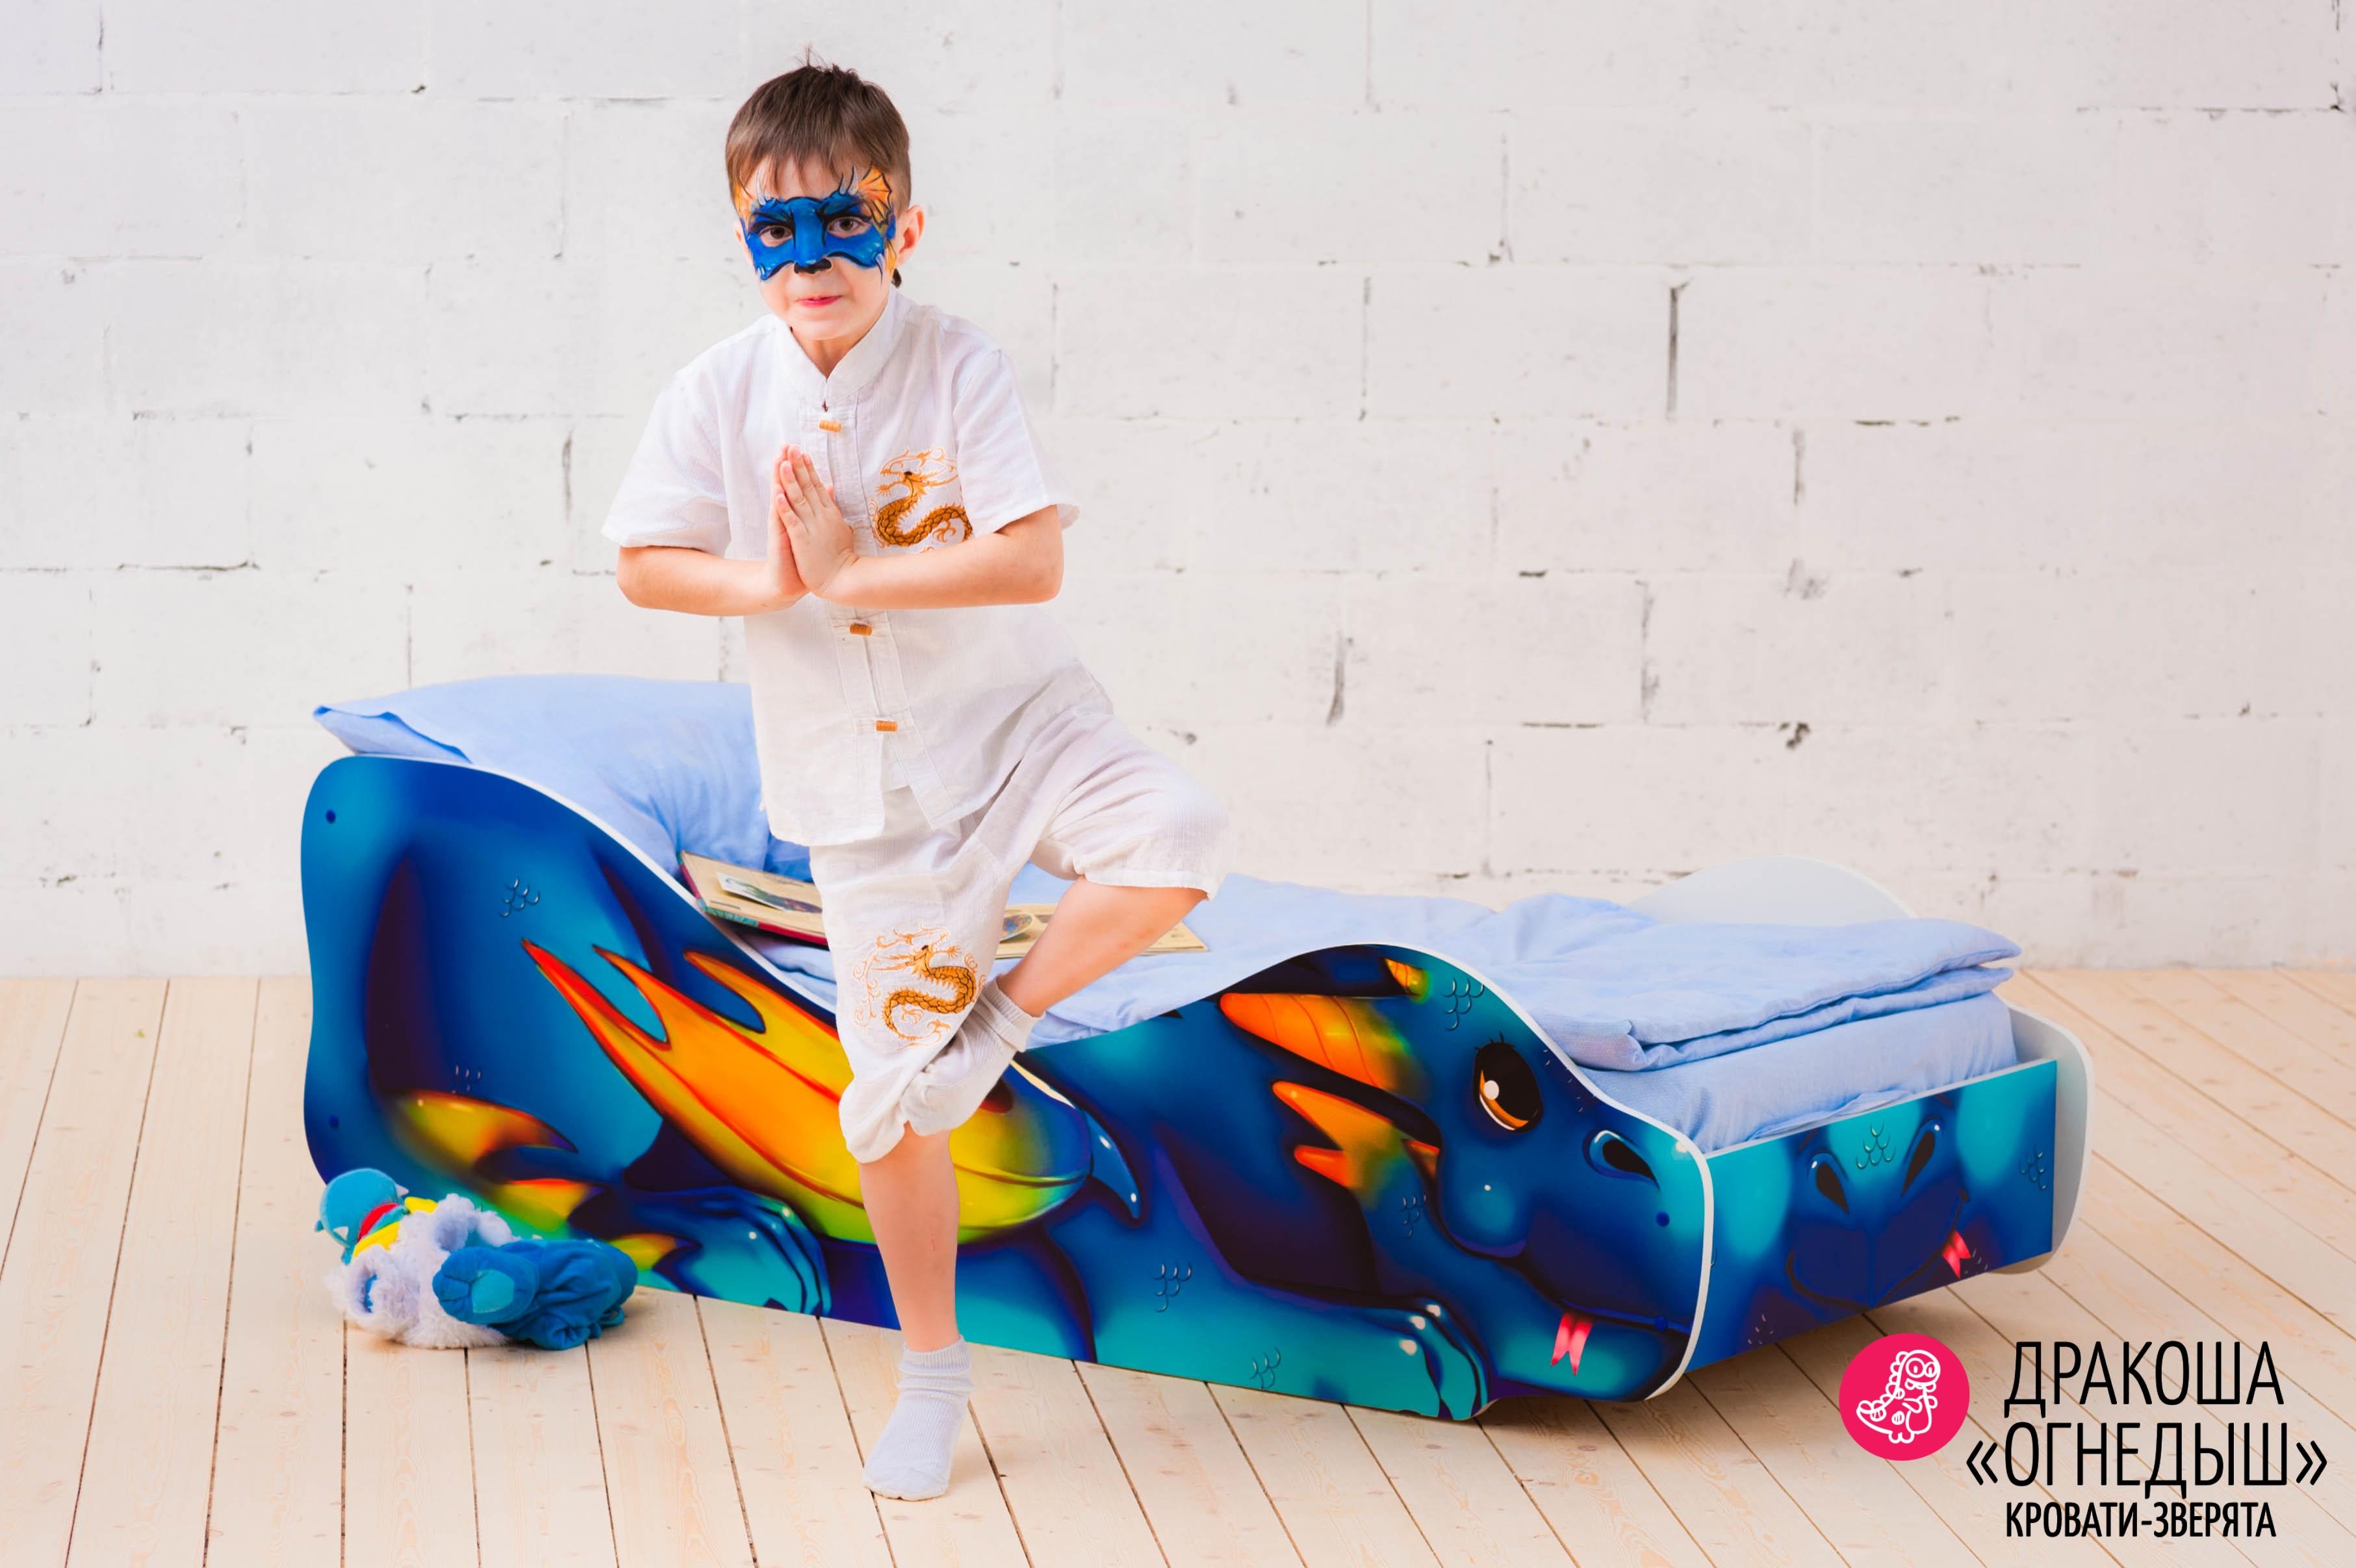 Детская кровать-зверенок -Дракоша-Огнедыш-4